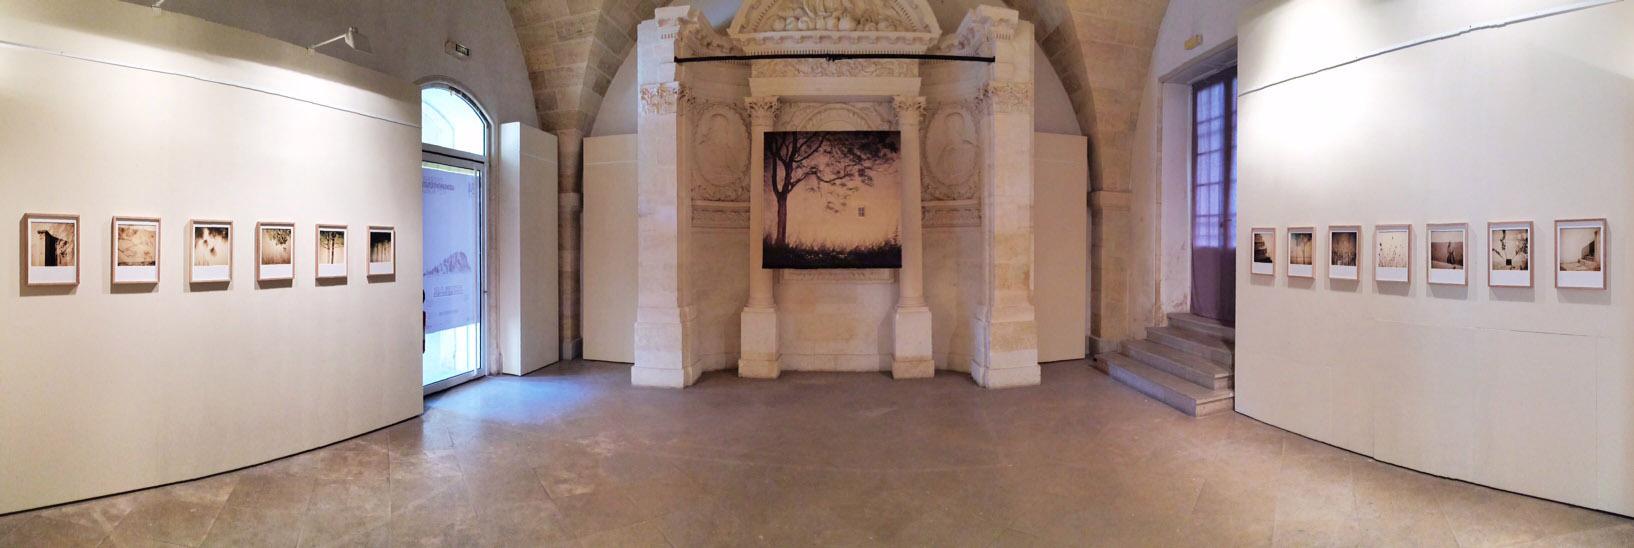 Umbra - Exposition dans le cadre du festival Itinéraires des photographes voyageurs à Bordeaux.